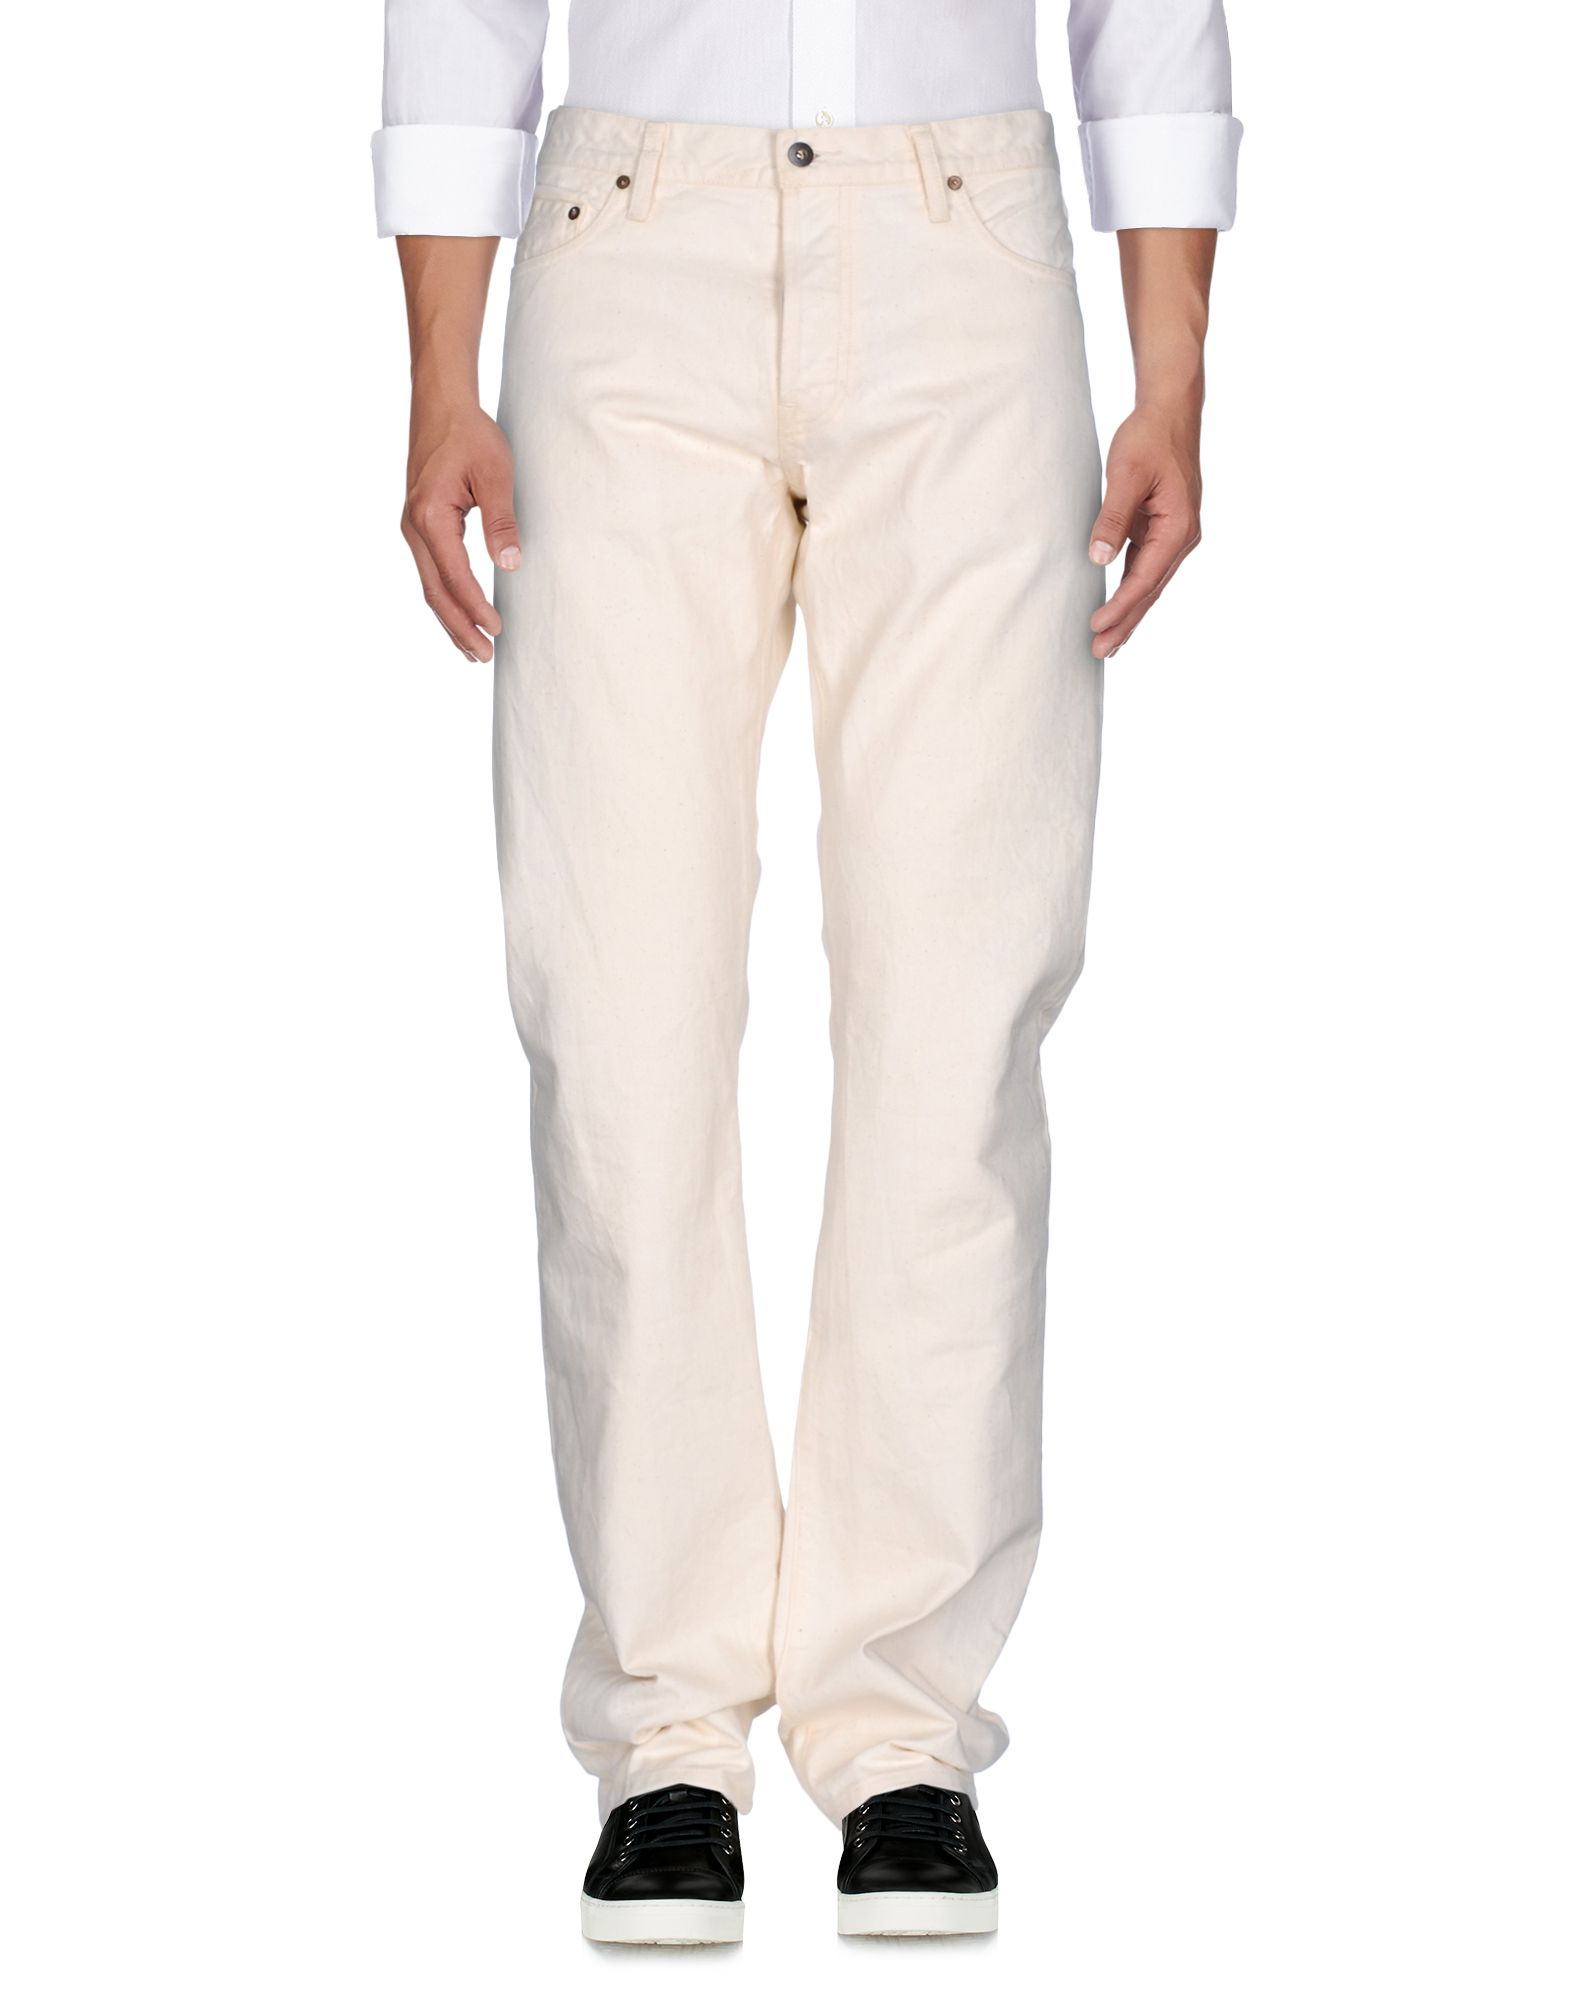 TELLASON Herren Jeanshose Farbe Elfenbein Größe 4 jetztbilligerkaufen